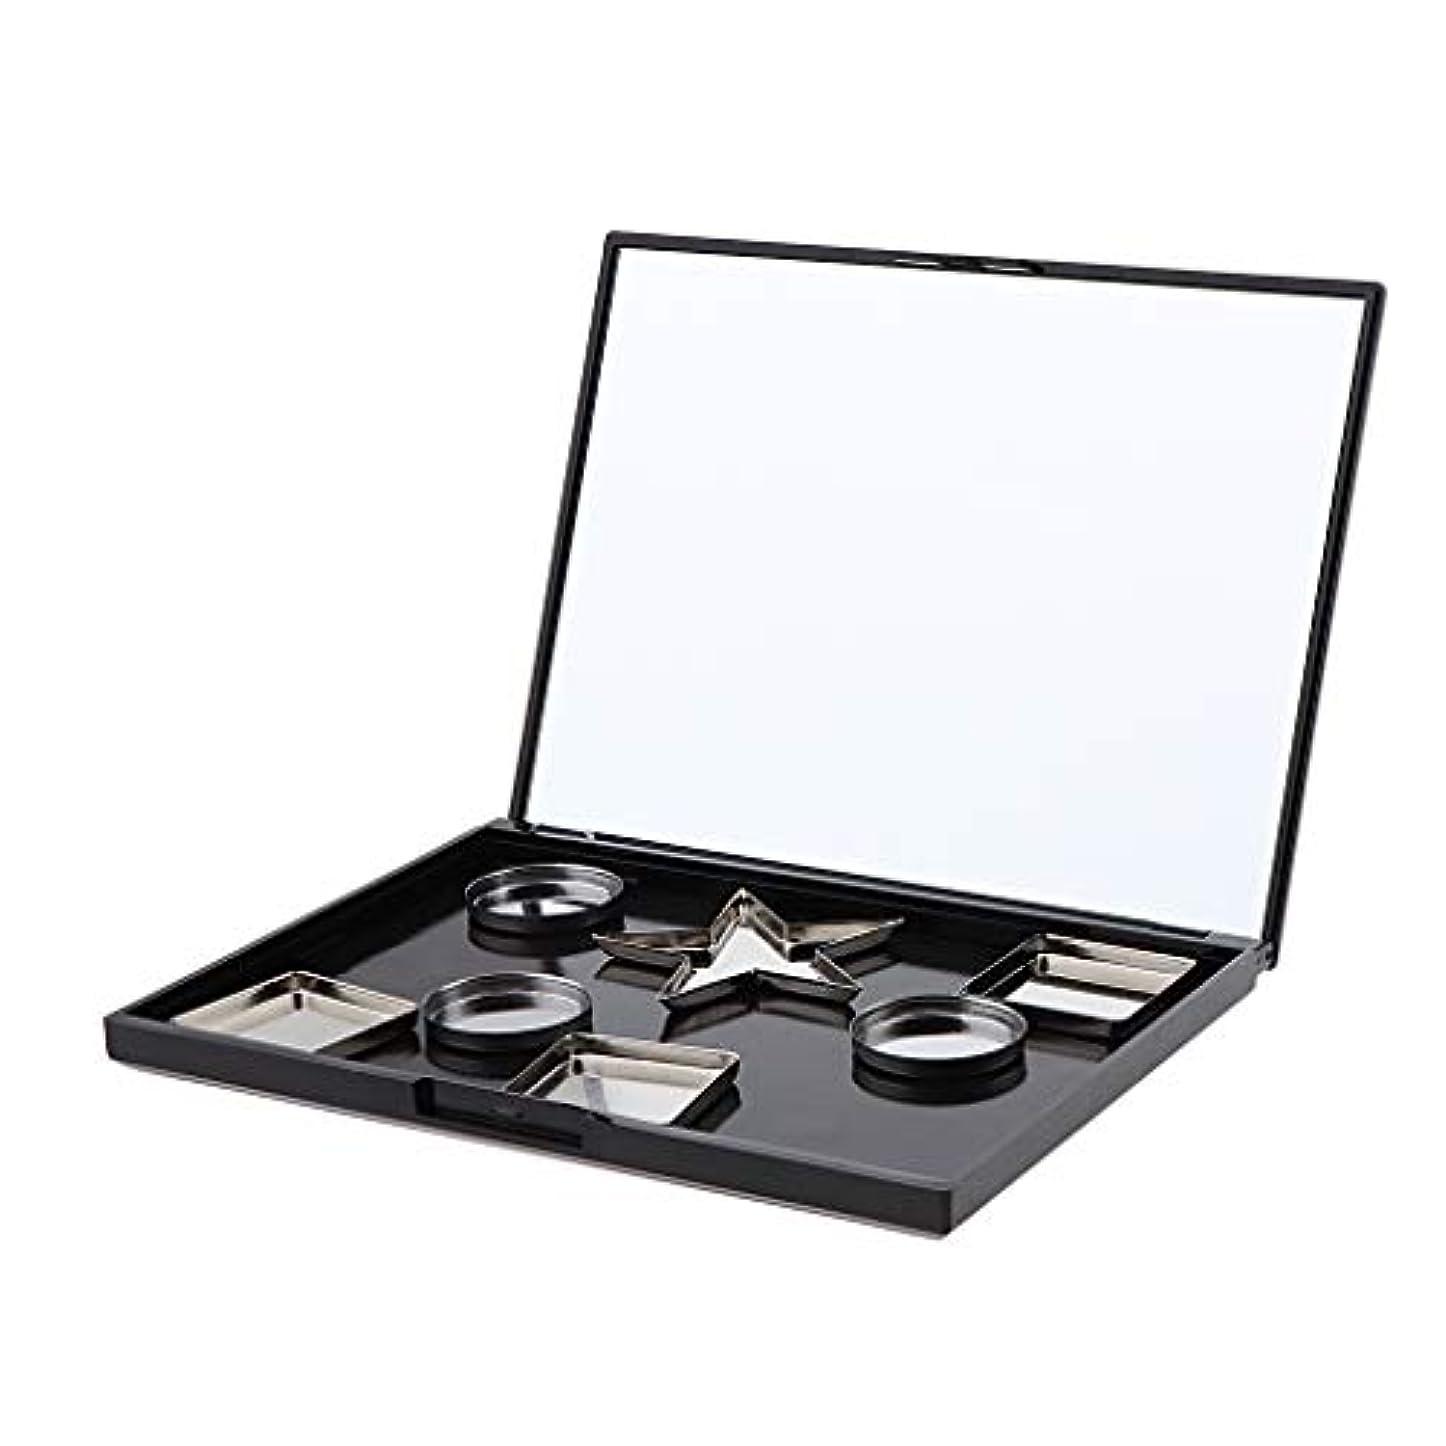 ブラウザ資格情報ピクニック磁気 空 アイシャドウケース パレット メイクボックス 旅行小物 全3選択 - パン付き#2